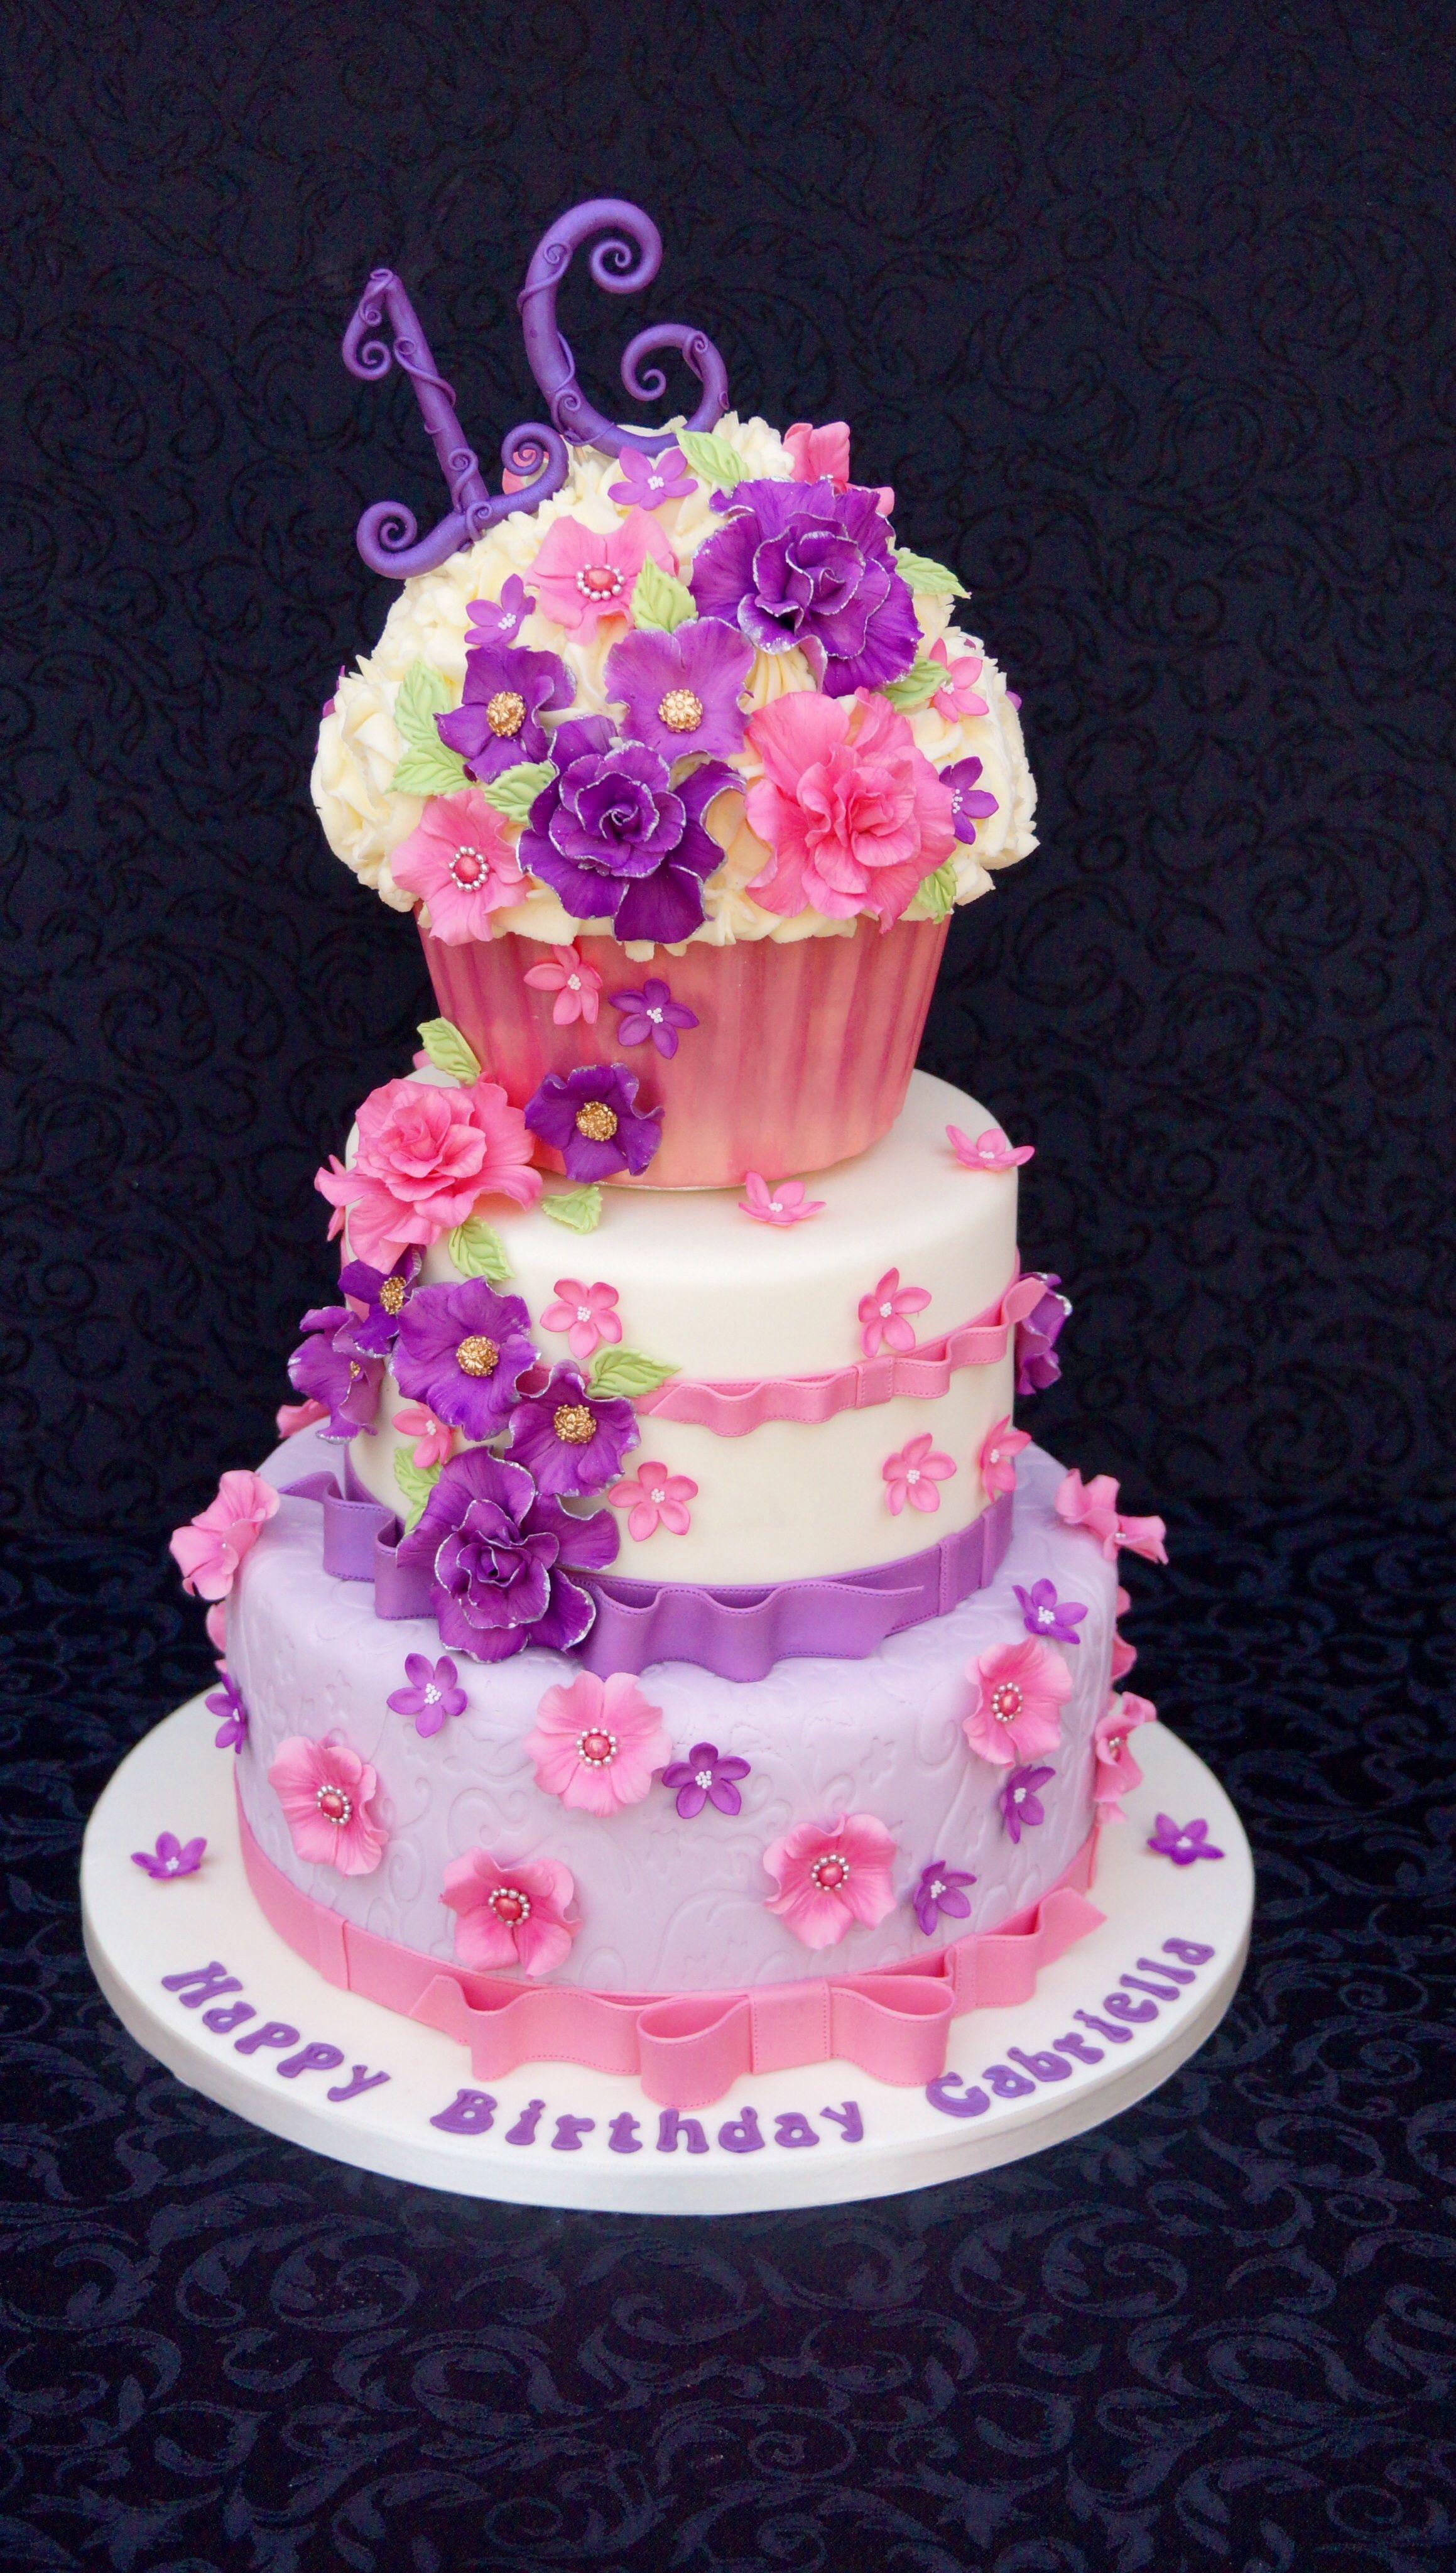 16th birthday cake mit bildern geburtstag geburt